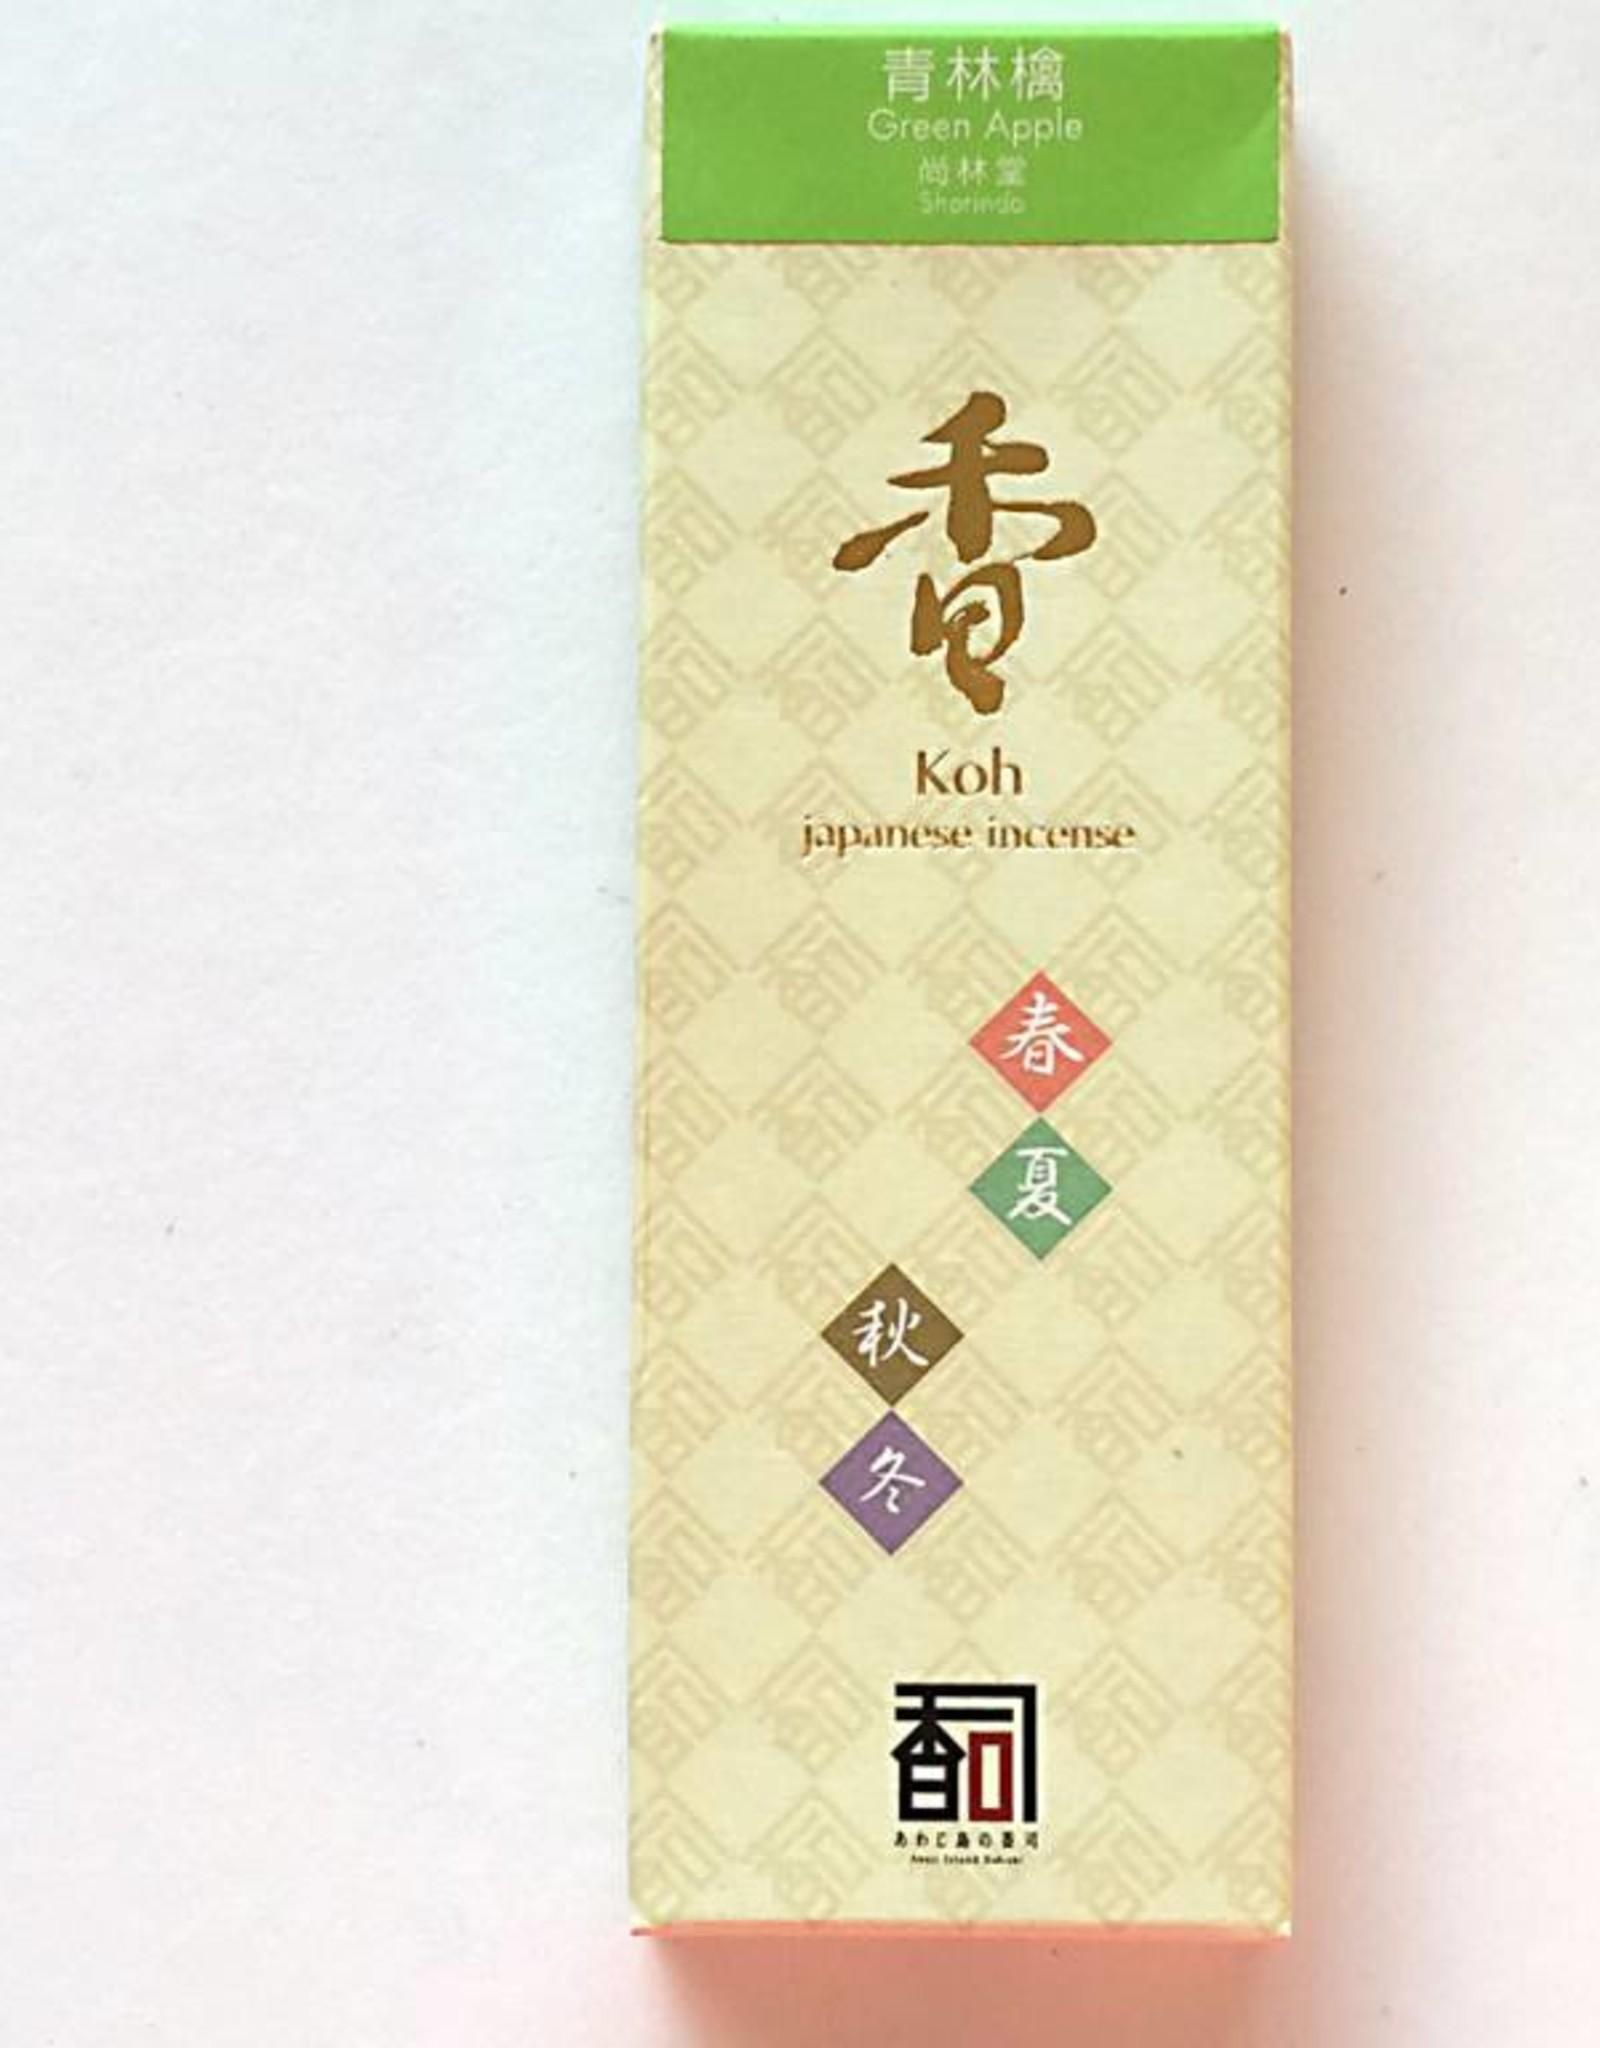 Awaji Island Koh-shi Japanese incense green apple (109)